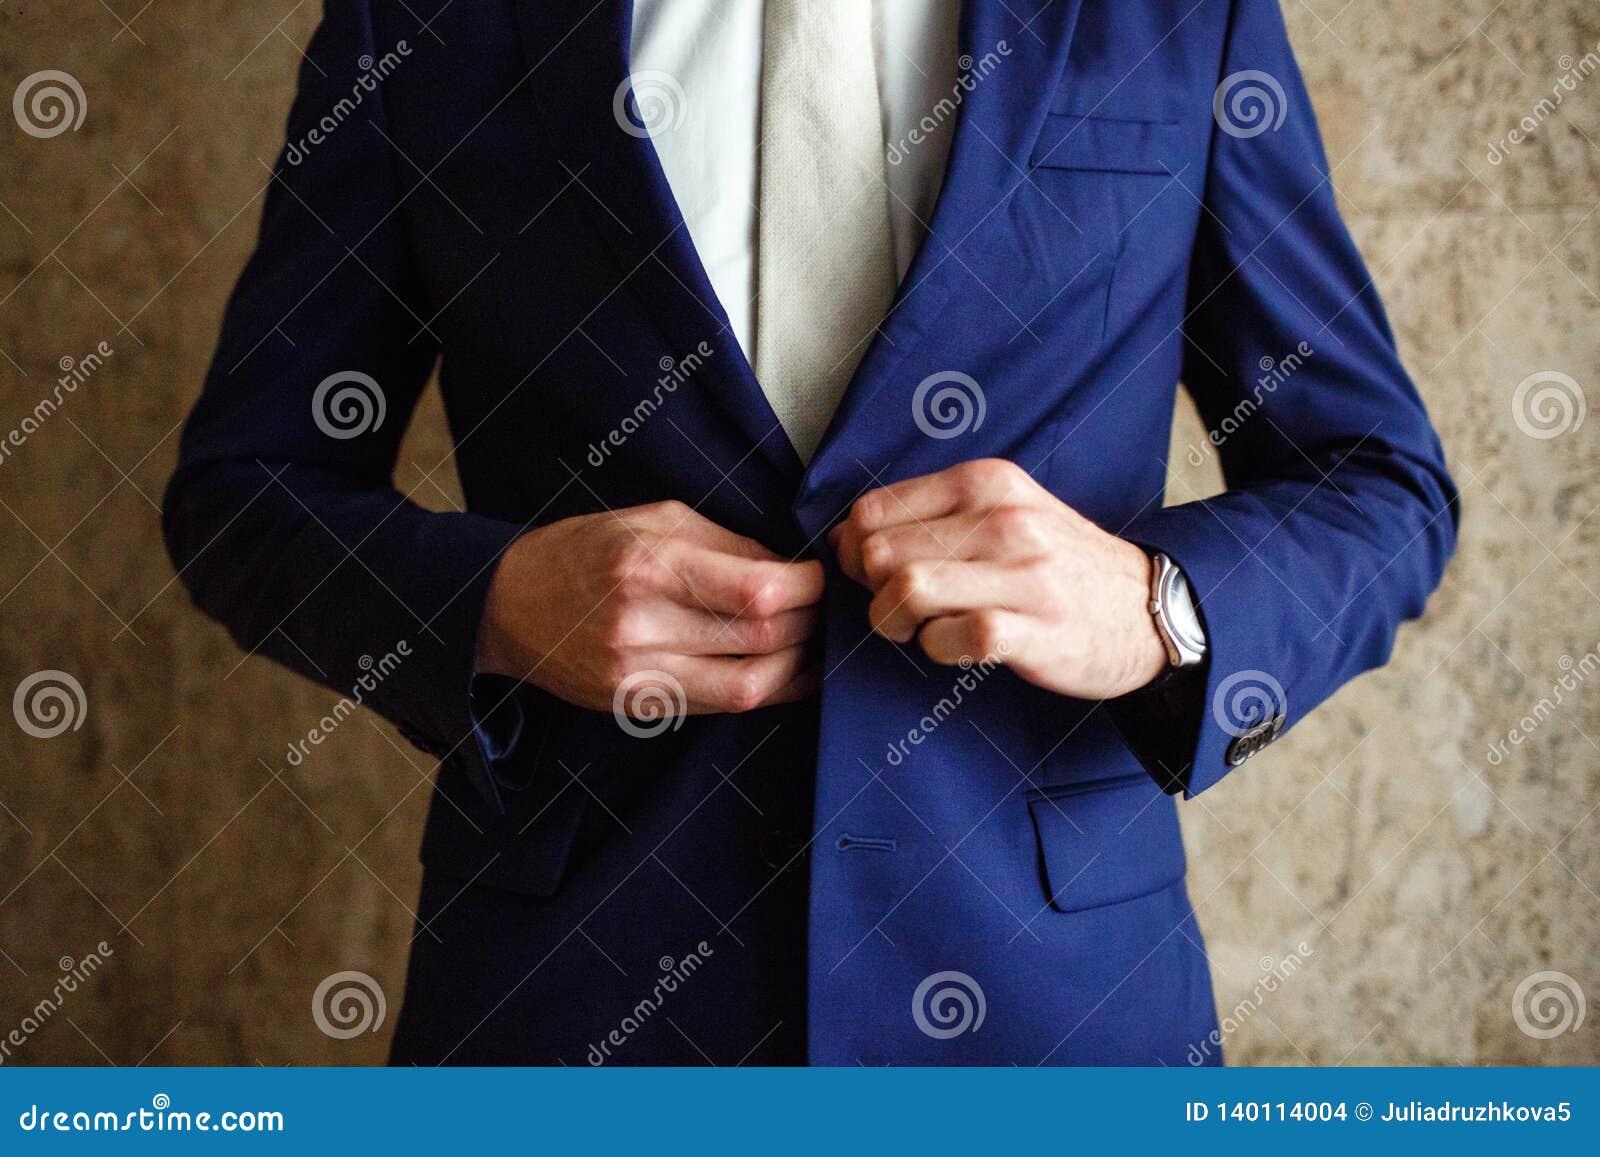 Un uomo fissa la giacca blu dei bottoni sulla sua mano il suo orologio